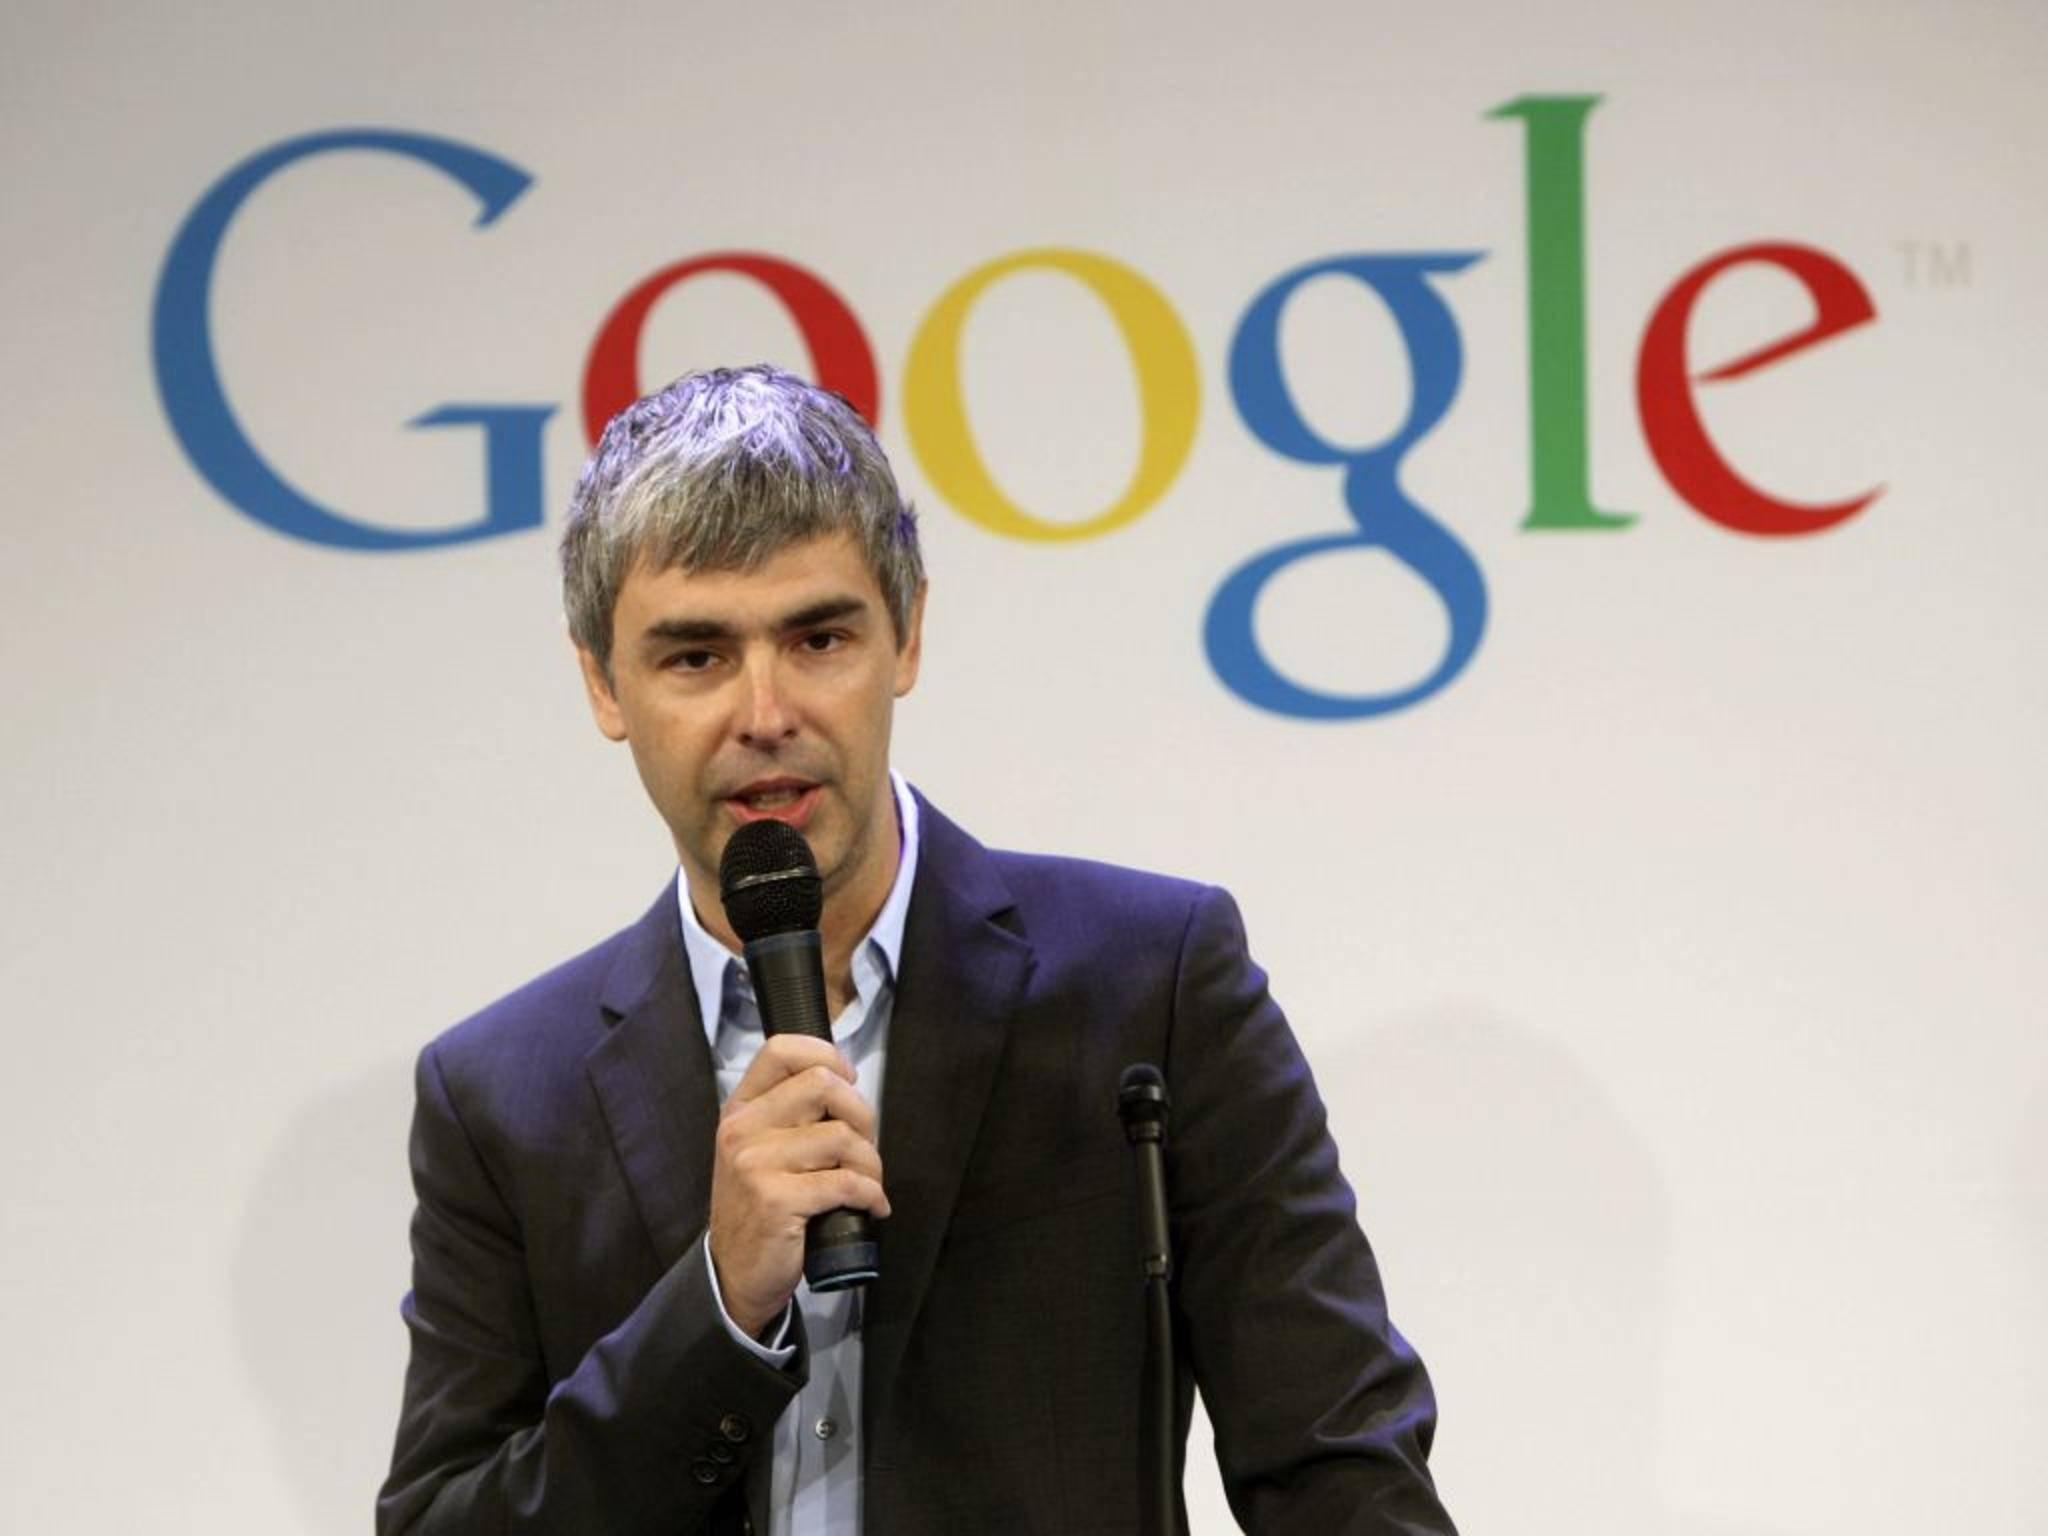 Google-CEO Larry Page landet mit 29,7 Milliarden Dollar auf Rang 5.